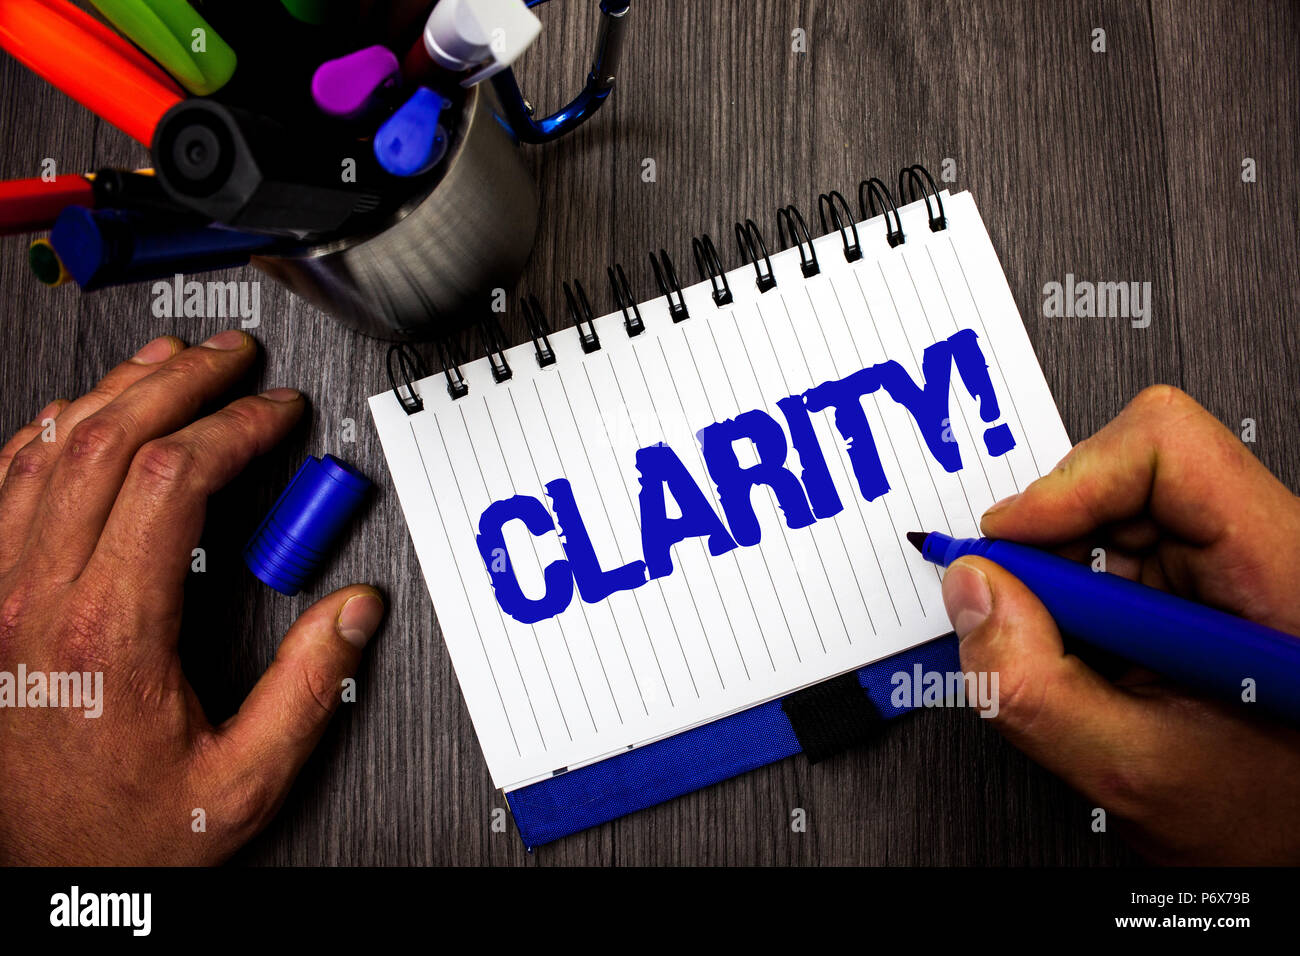 Scrittura testo scrittura di chiarezza. Concetto significato la certezza di purezza di precisione comprensibilità trasparenza precisione man tenere holding notebook marcatore Immagini Stock